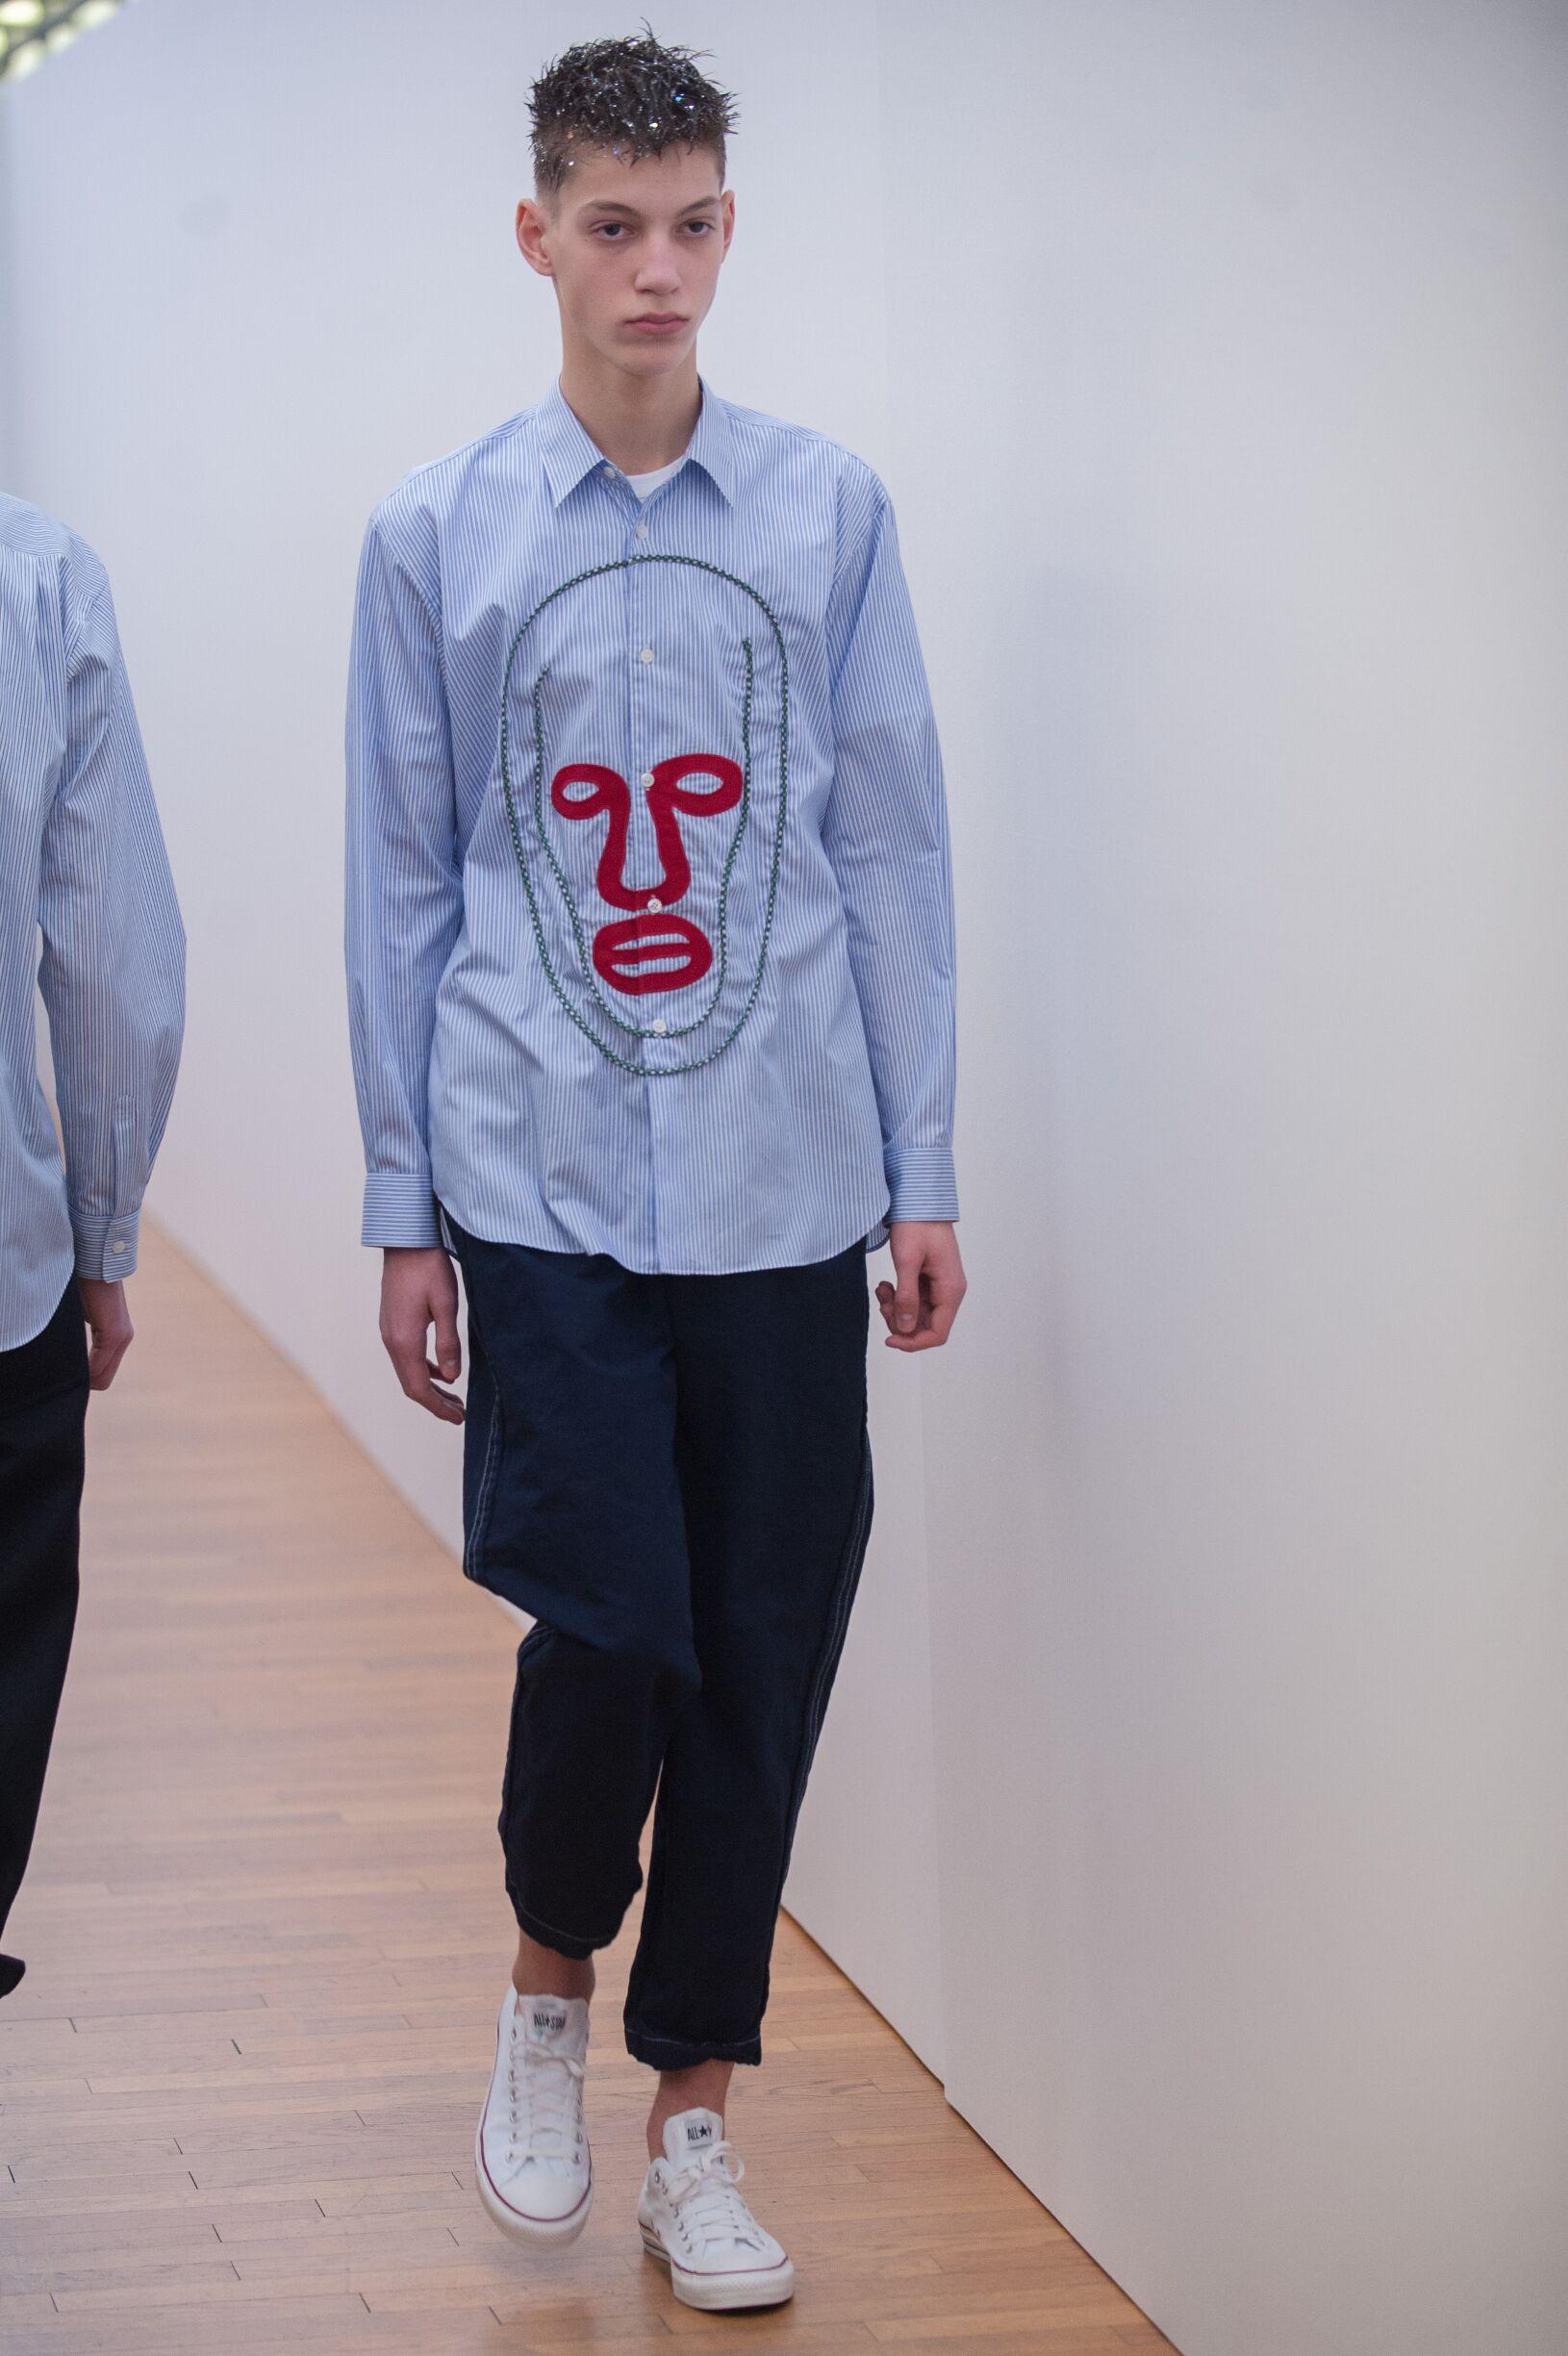 FW 2017-18 Fashion Show Comme Des Garçons Shirt